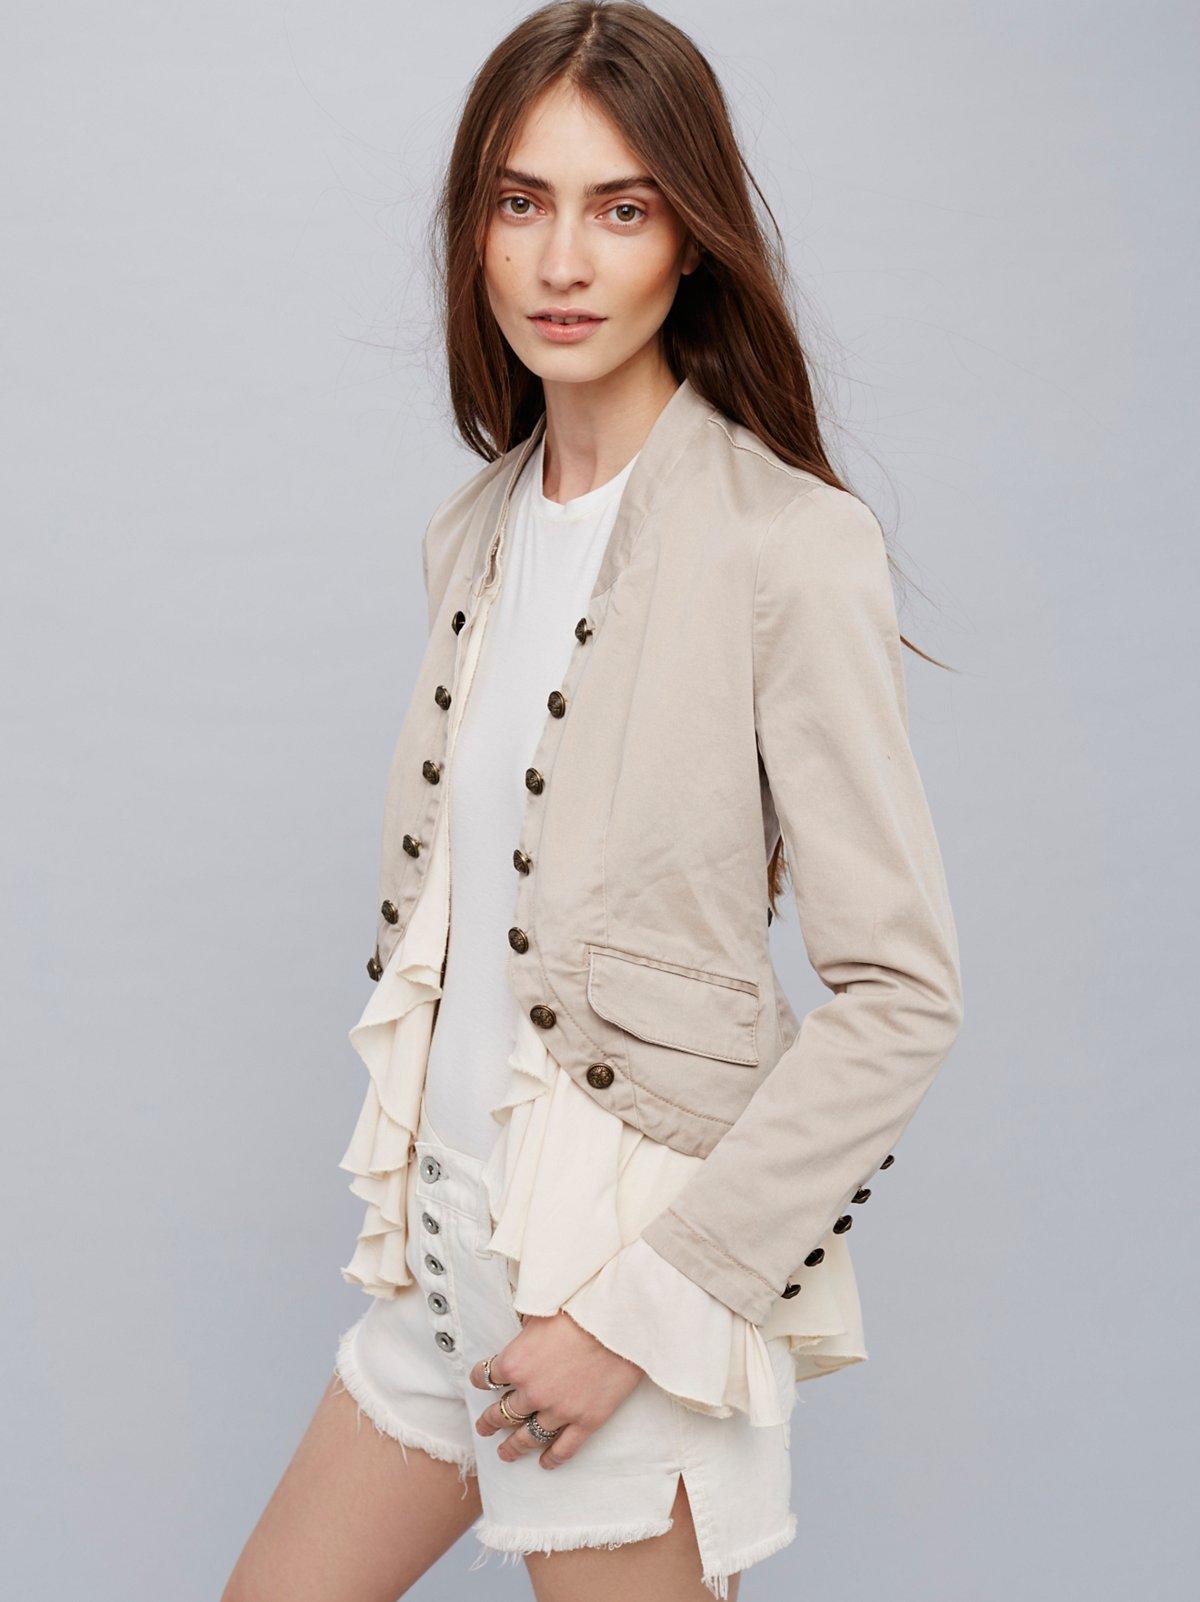 Romantic Ruffles Jacket